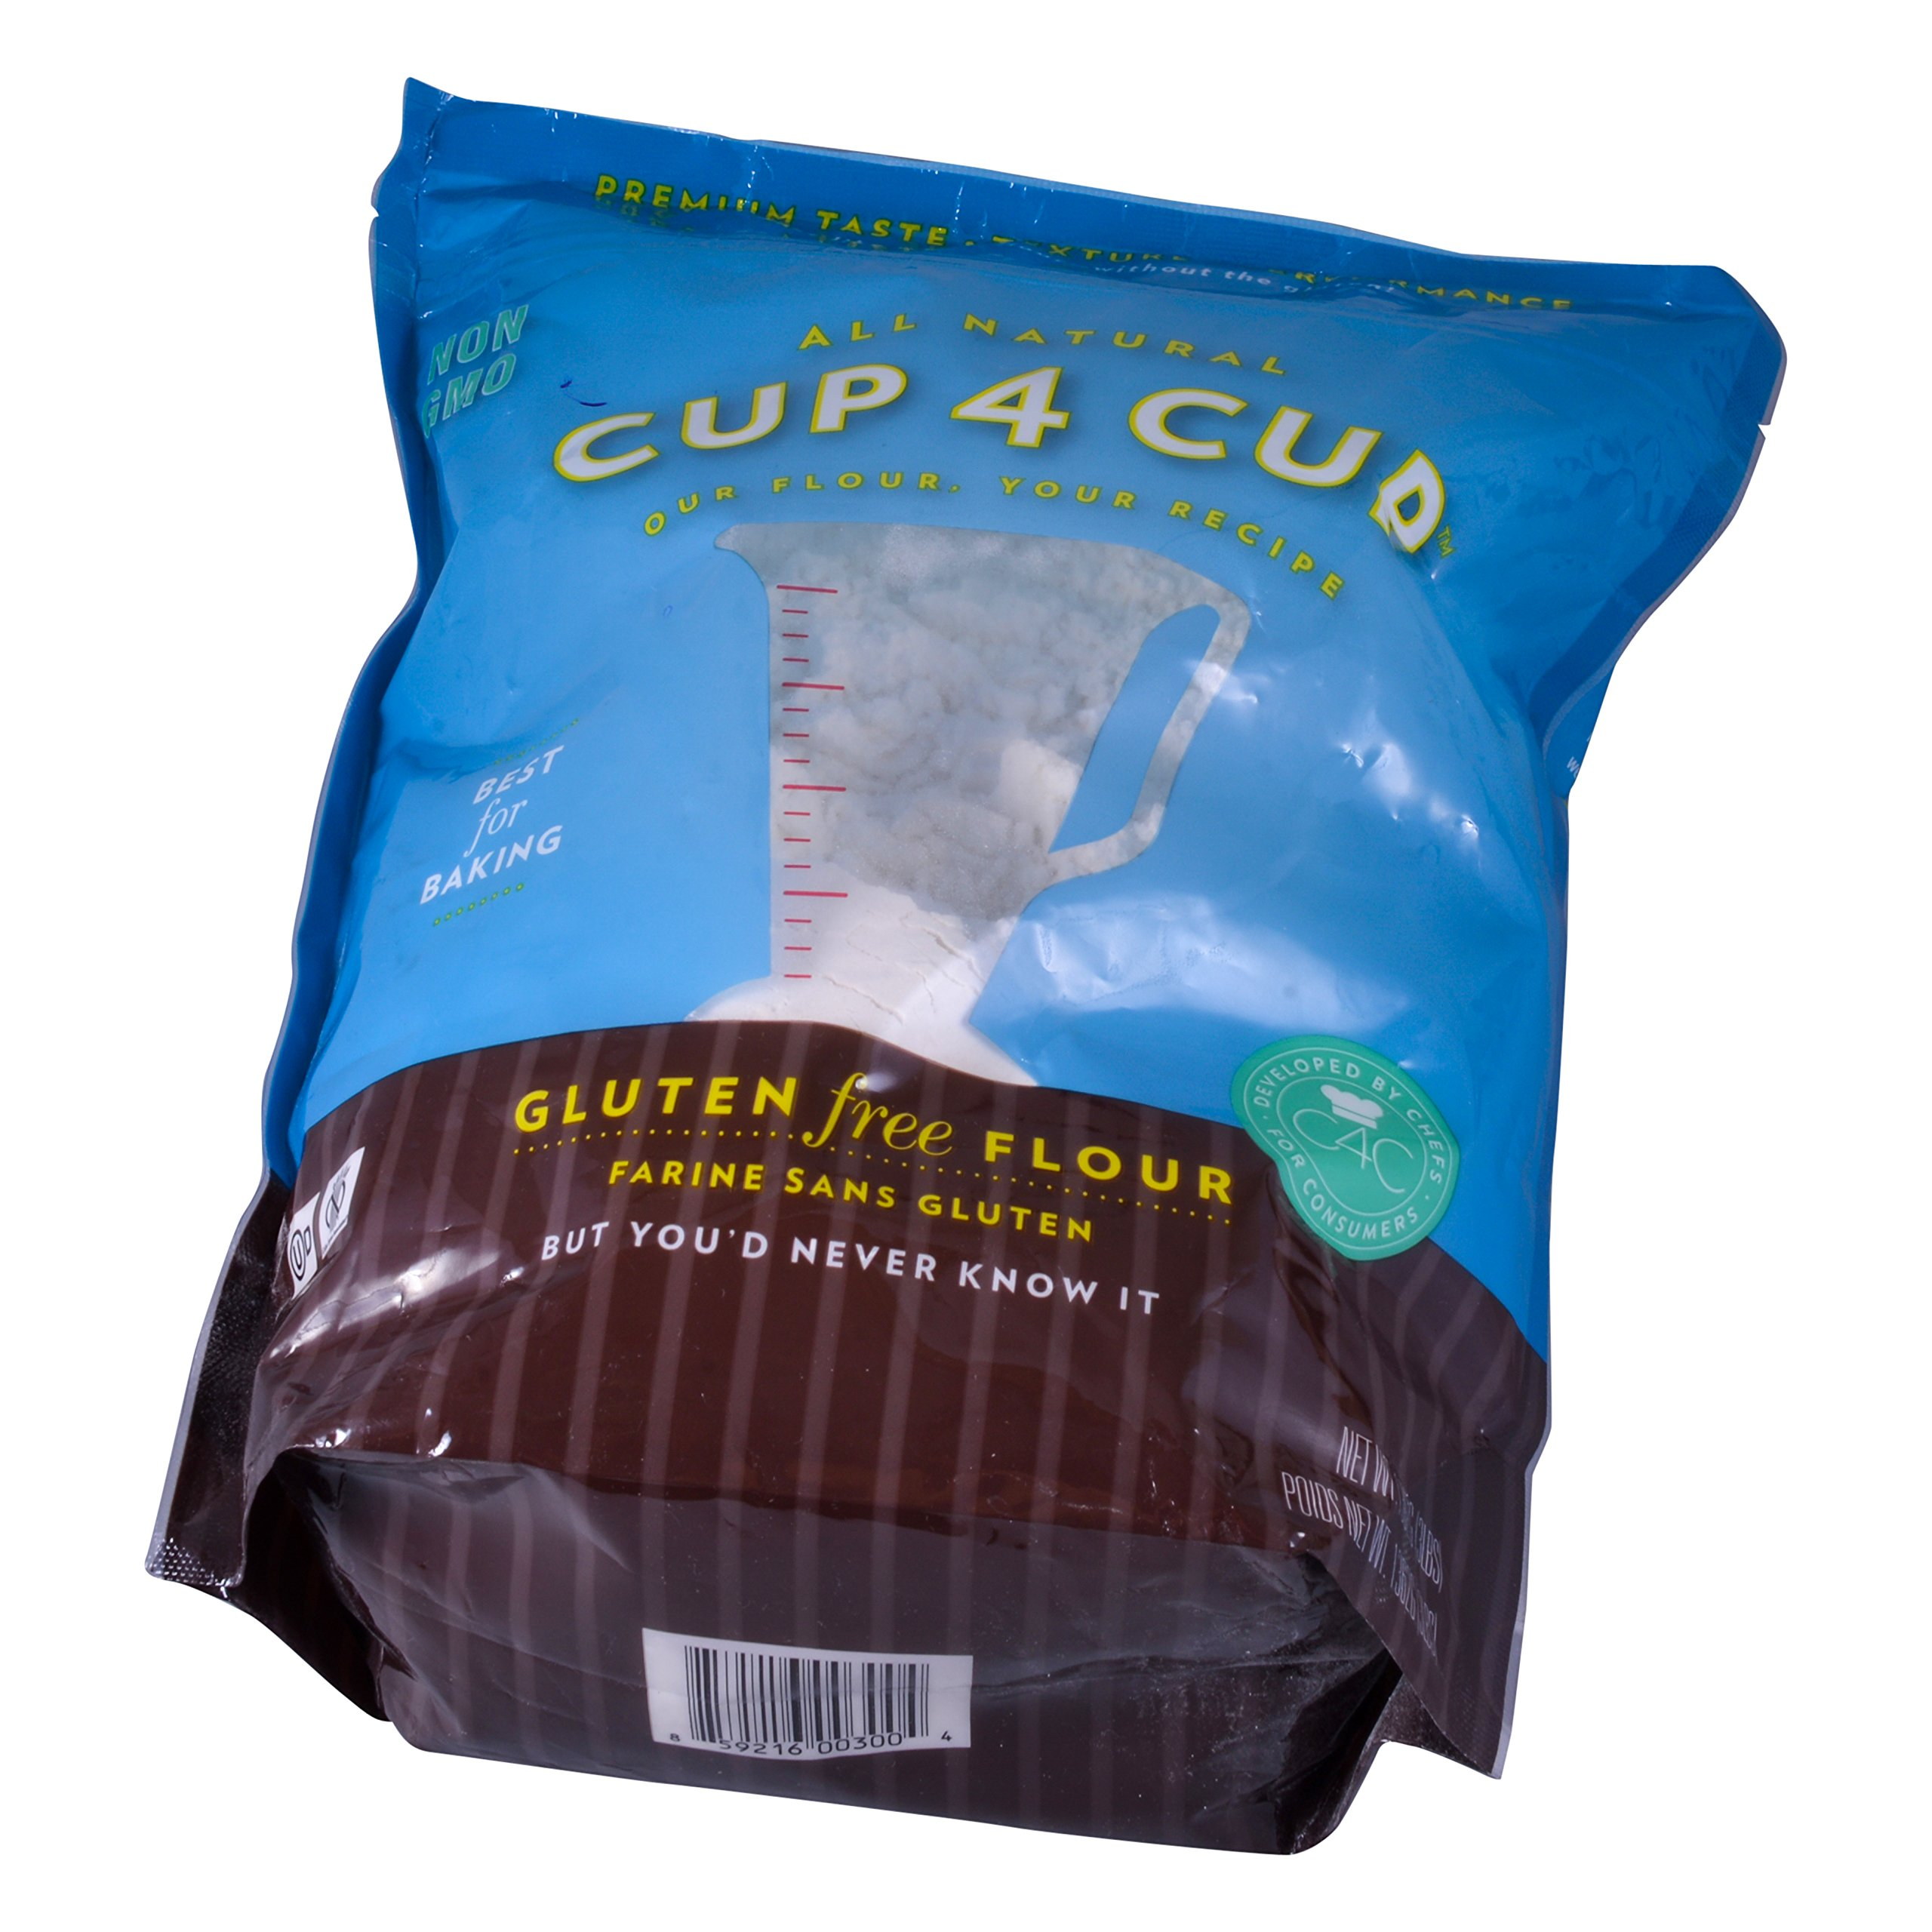 Cup4Cup Gluten Free Flour, 6 Pound (6 Pound)